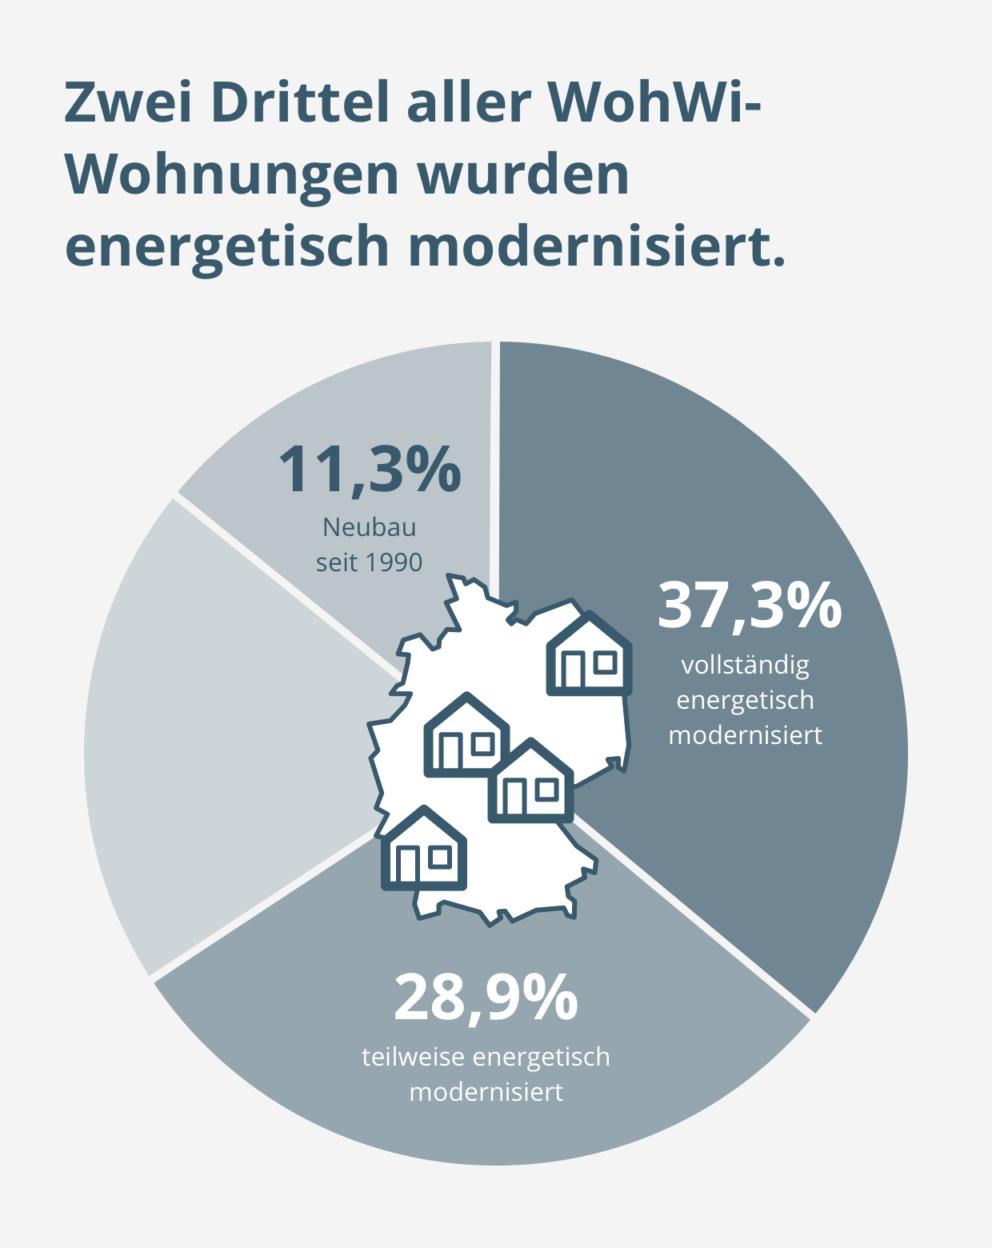 G_Energetische_Modernisierung@2x